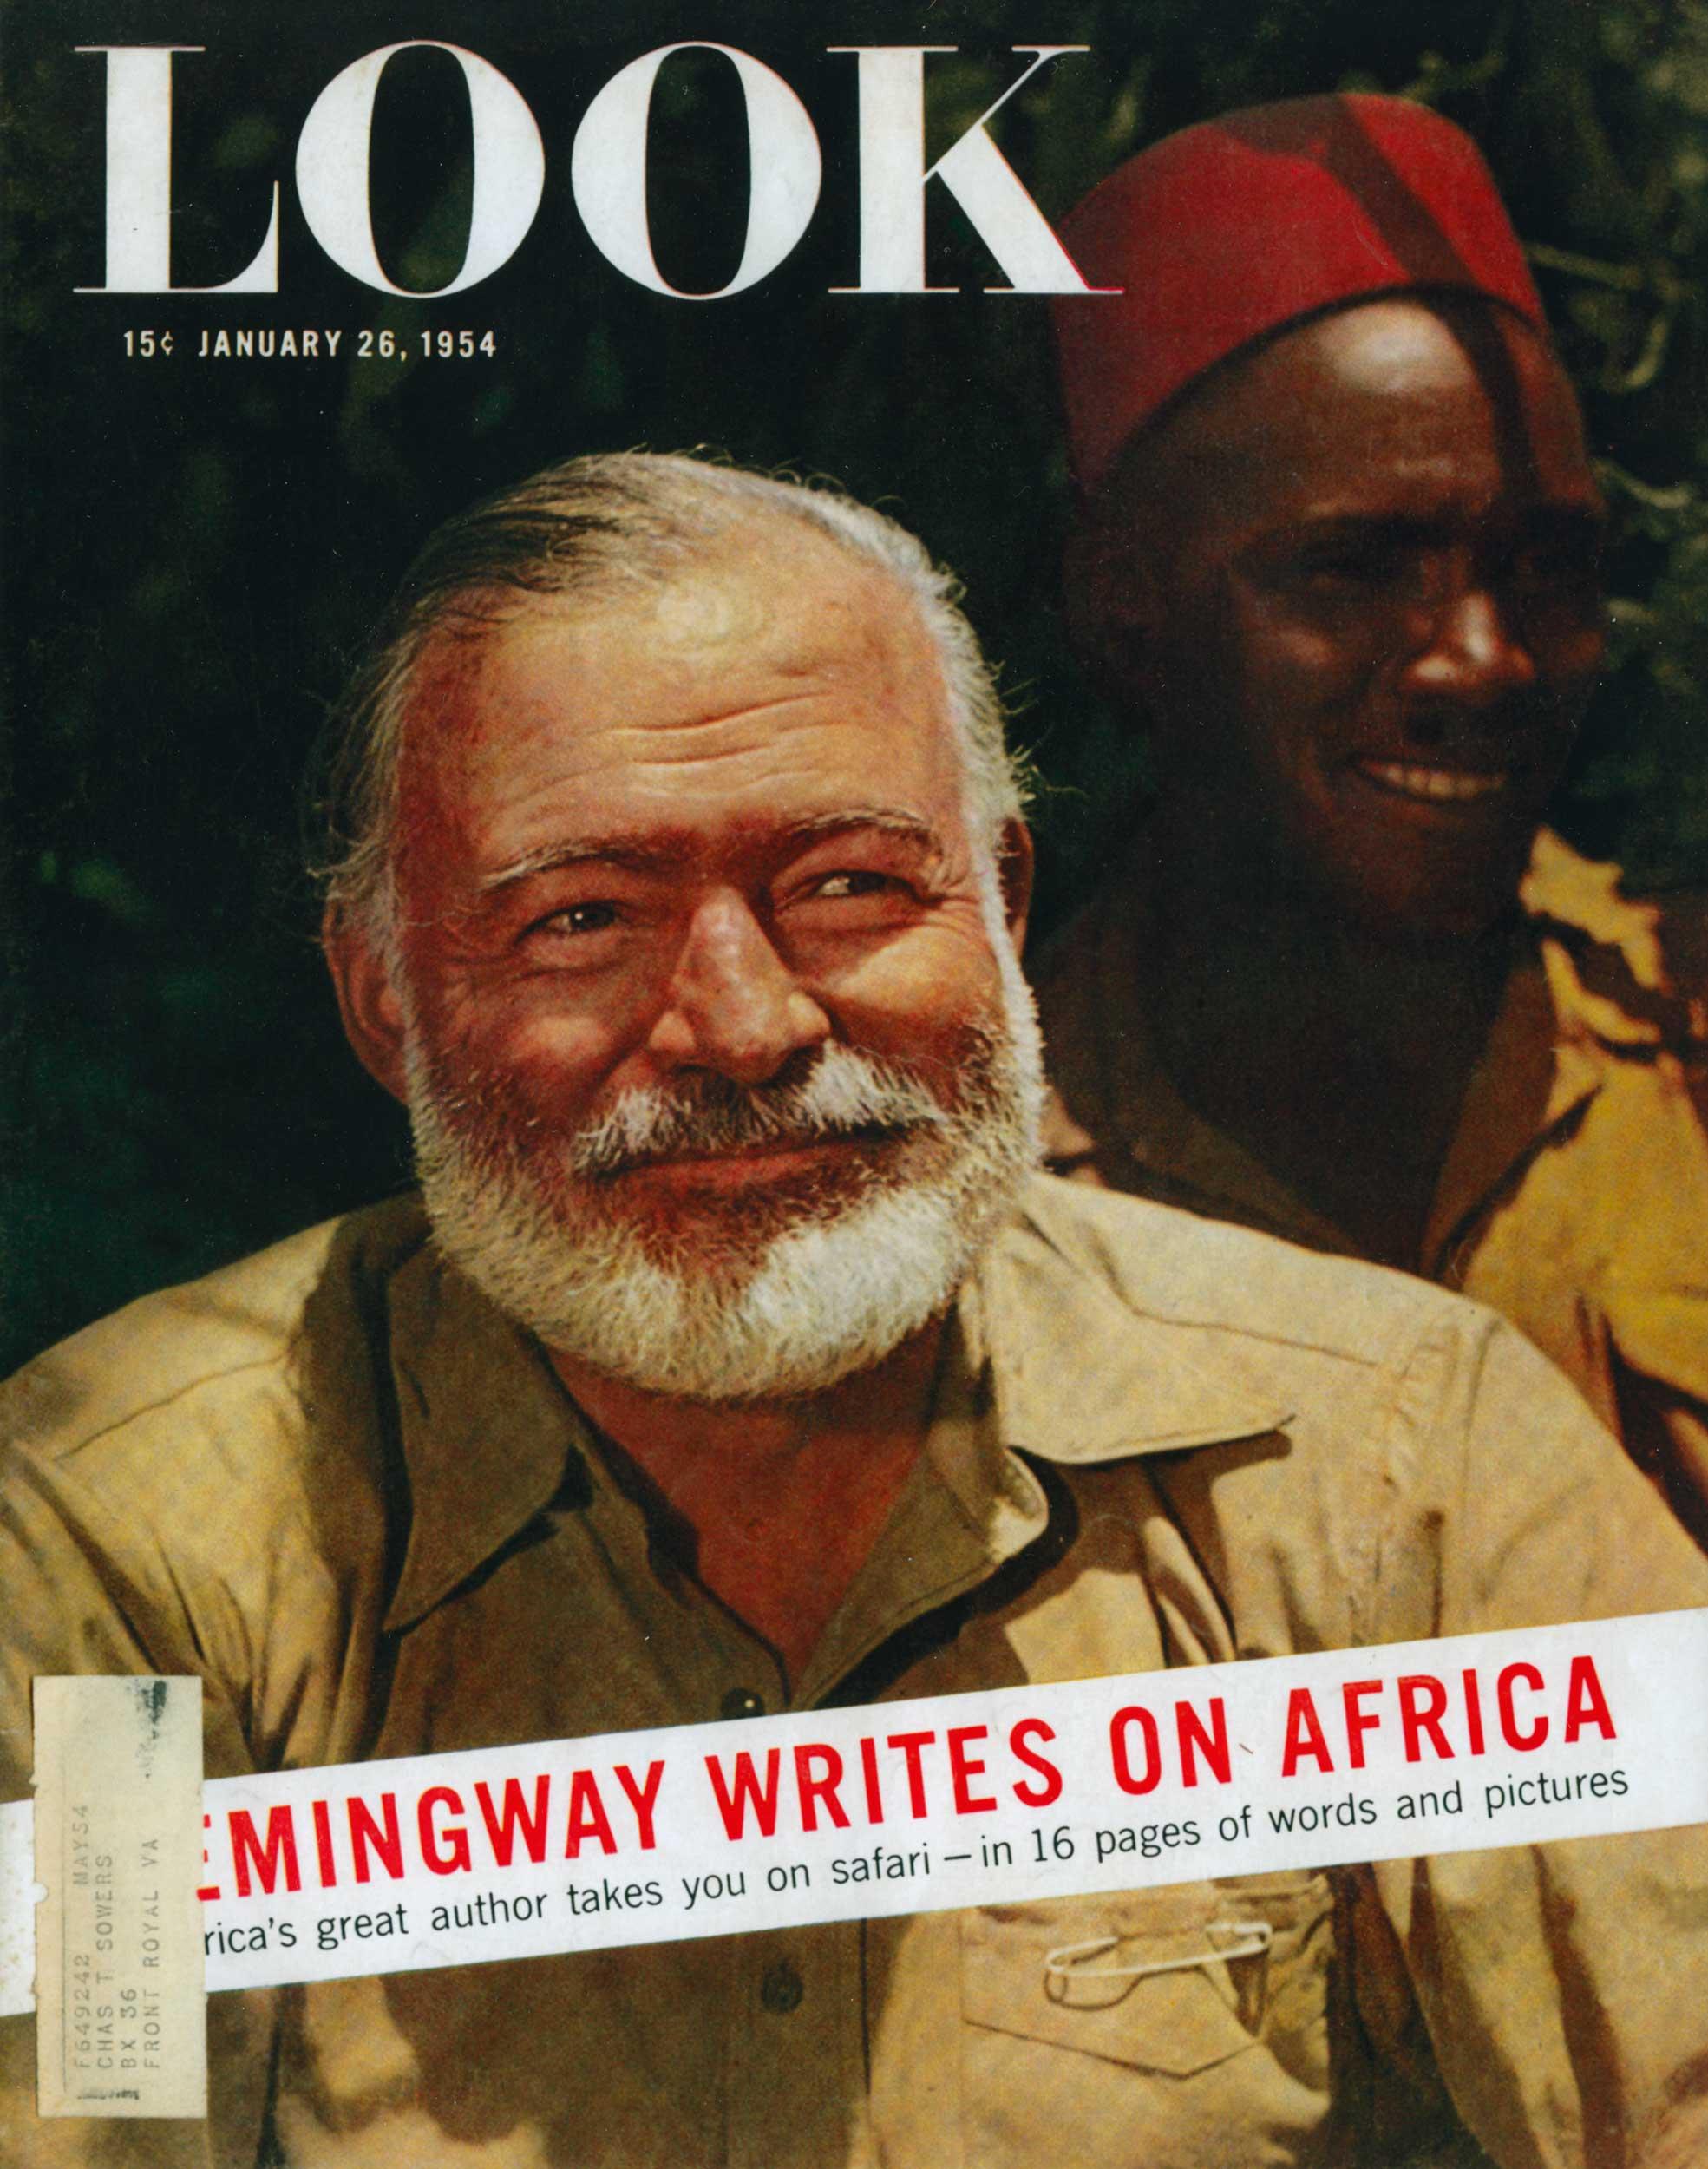 HEMINGWAY WRITES ON AFRICA. LOOK MAGAZINE 1954. / Westley Richards